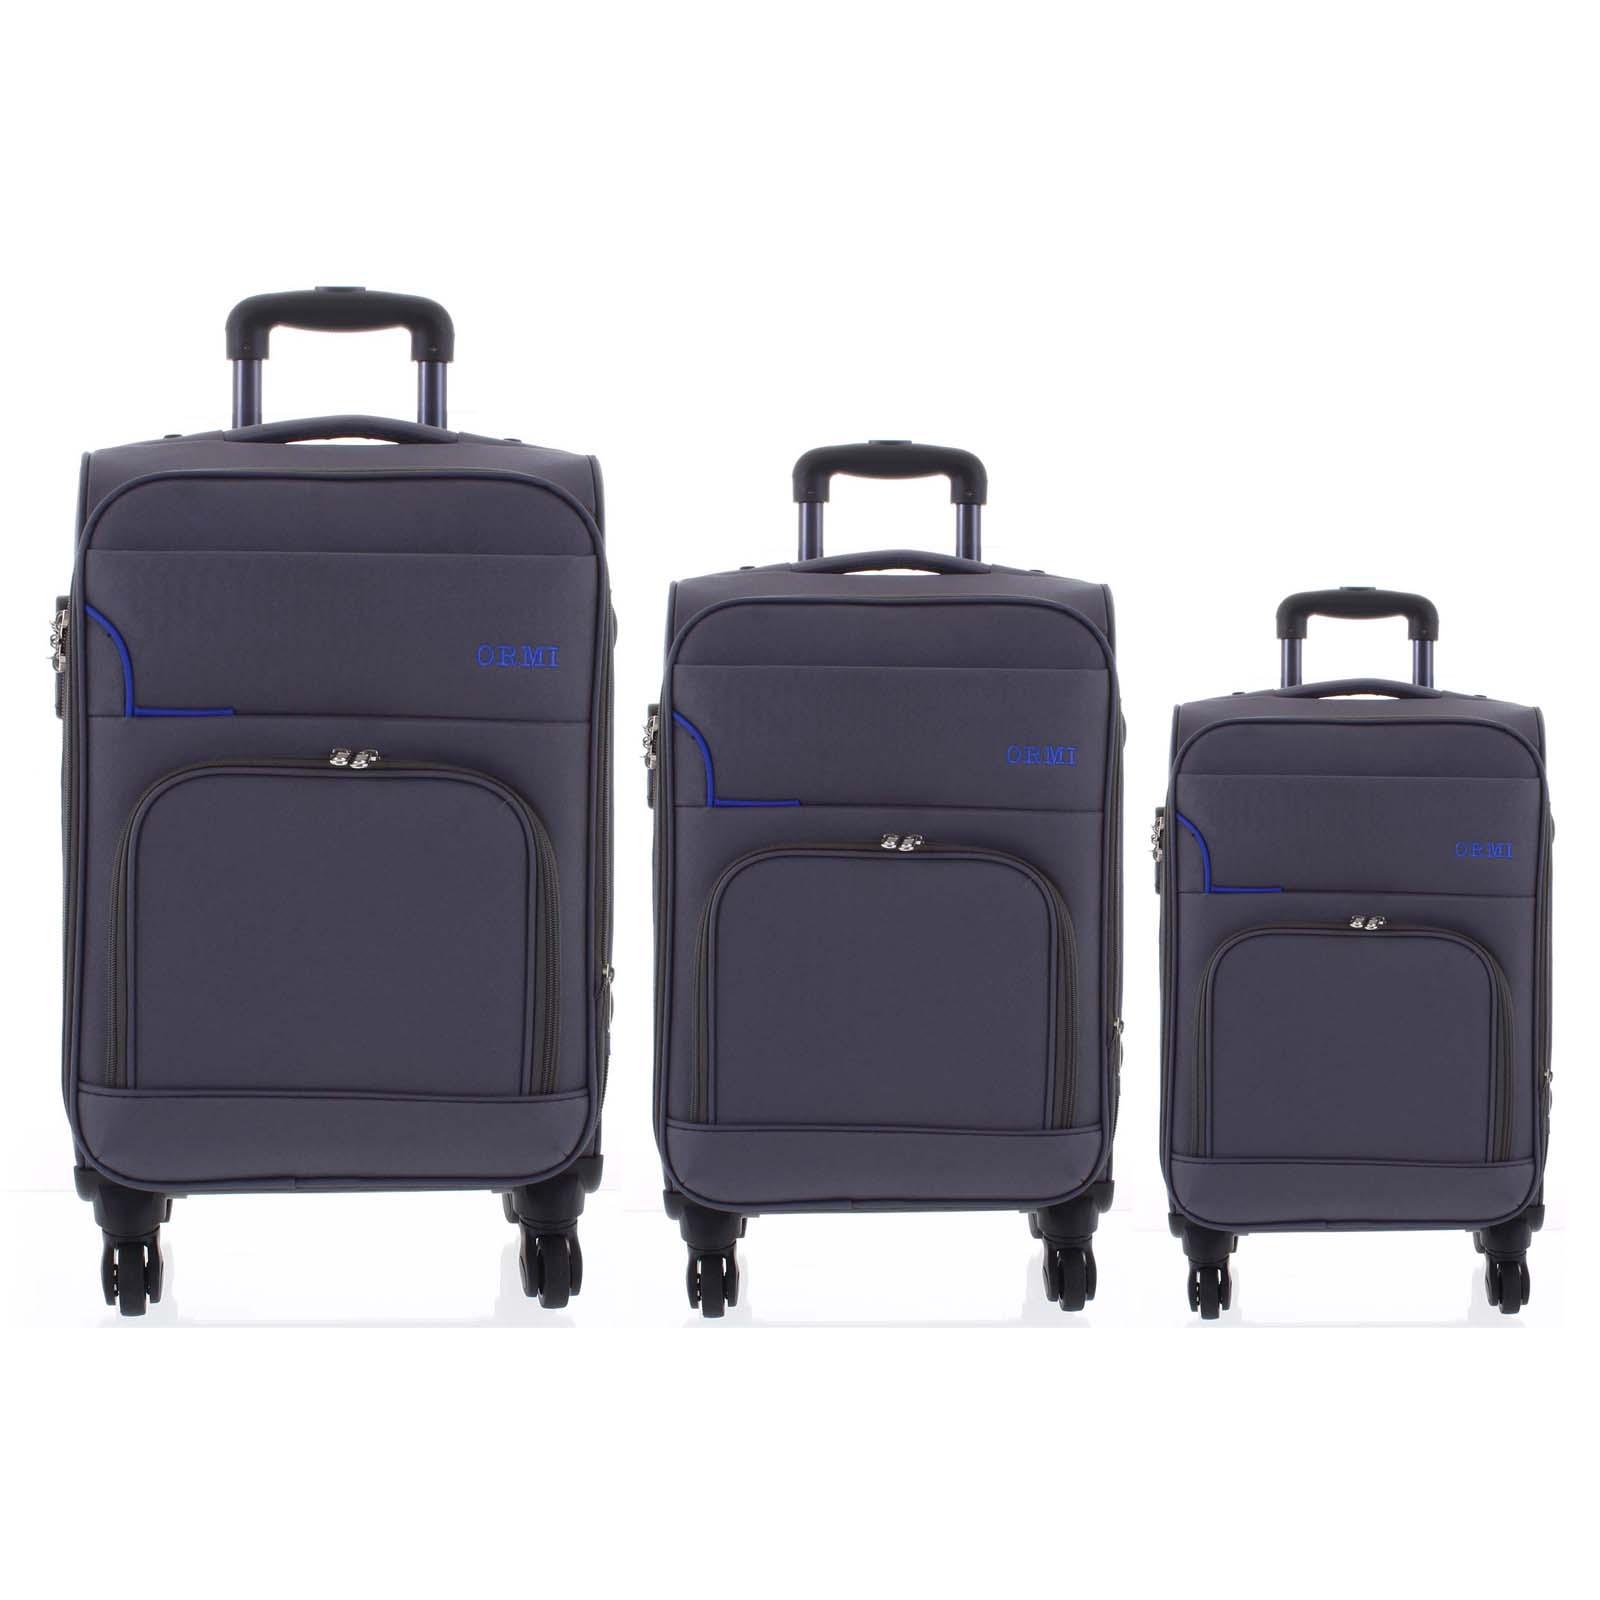 Cestovní látkový šedozelený kufr sada - Ormi Nitire S, M, L